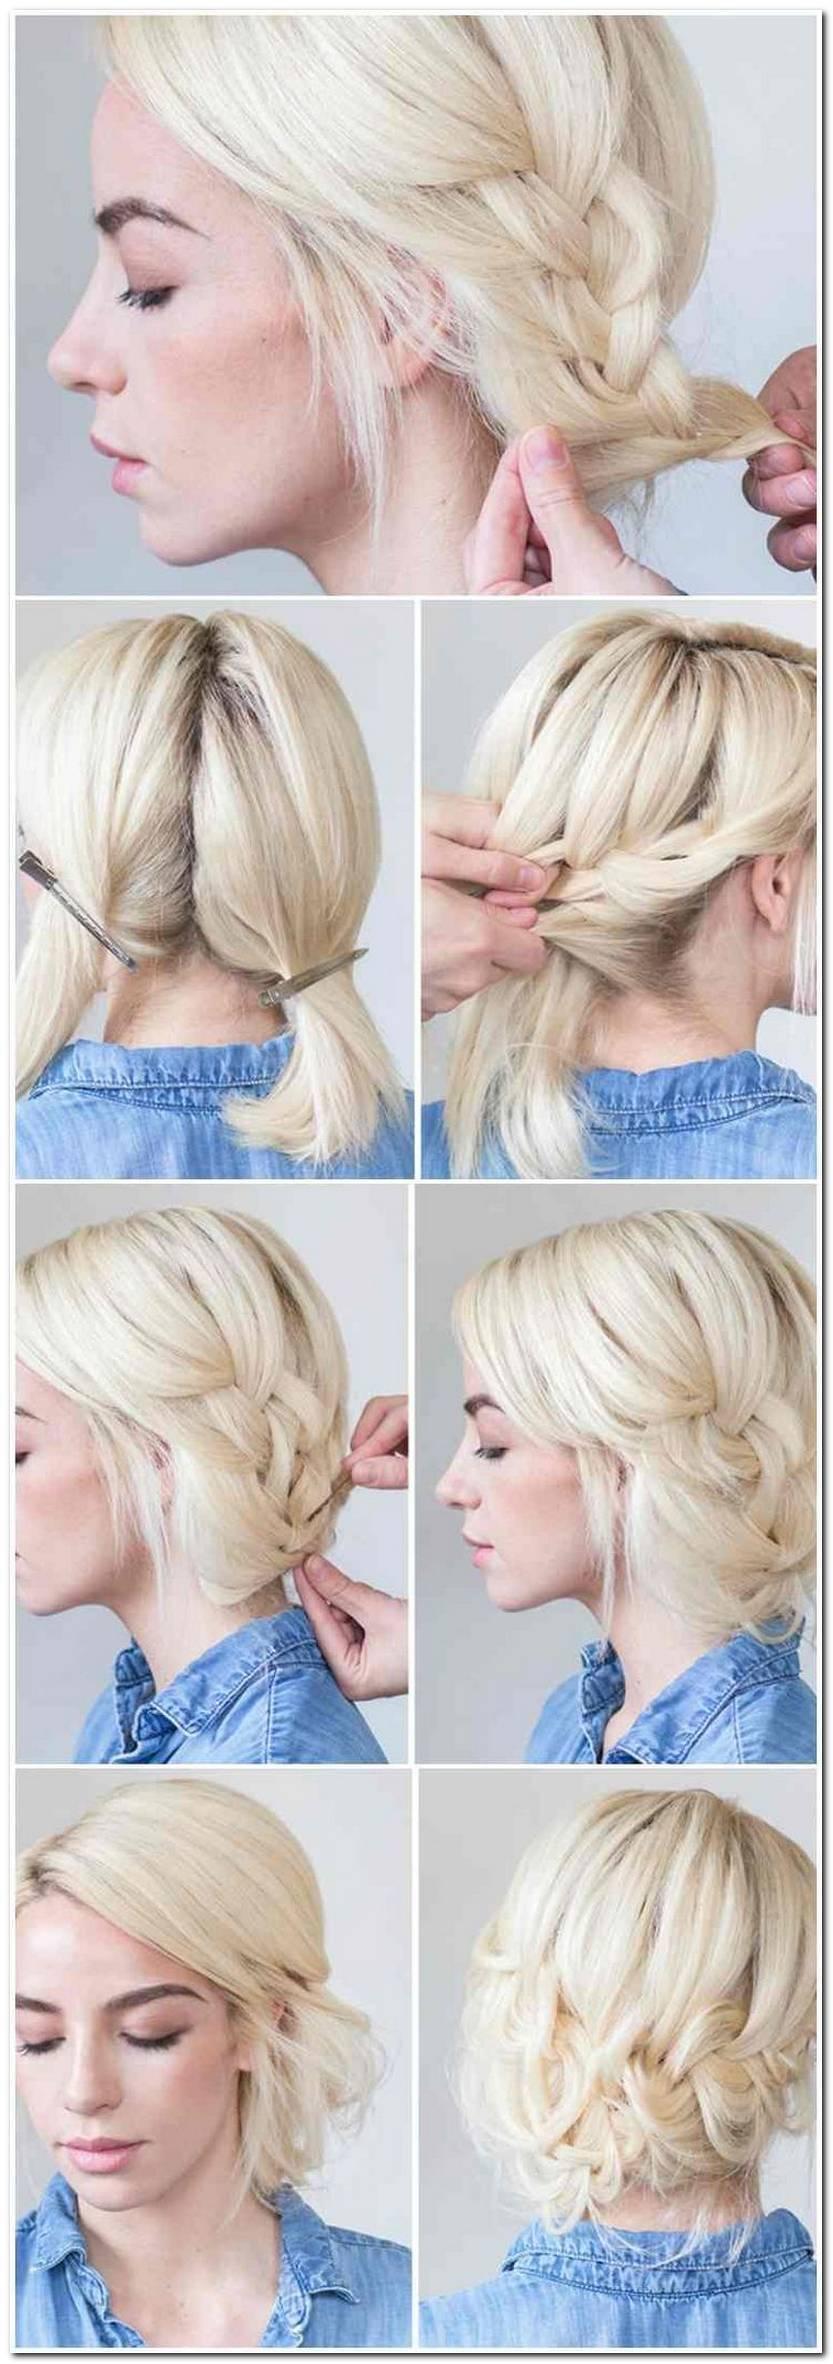 Frisuren FüR Mittellanges Haar Kinder